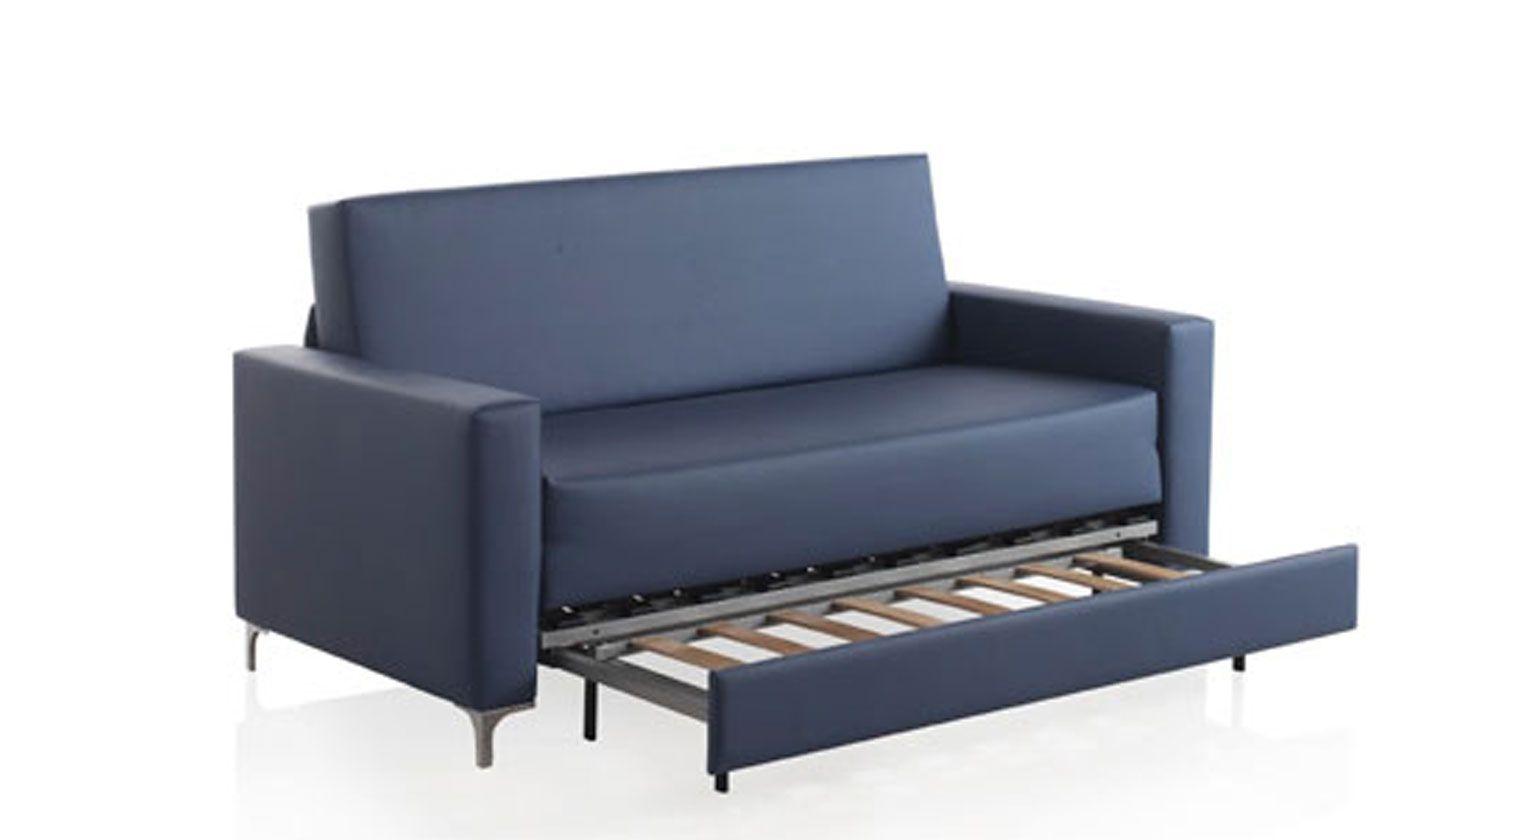 Comprar sof cama brest 1 plaza cama de 80x190 cm bonus for Sofa cama nido 1 plaza